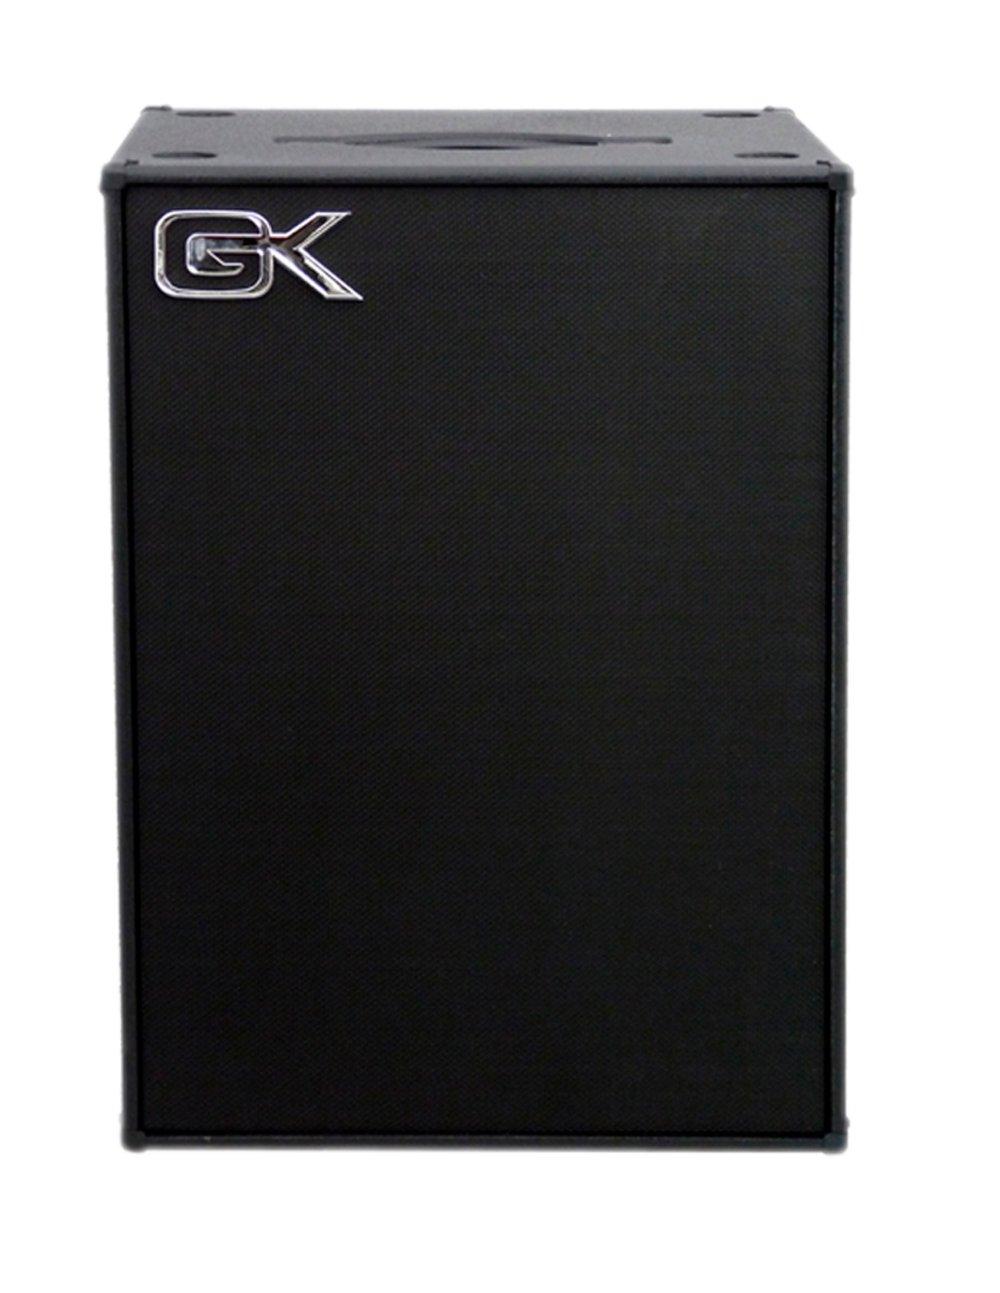 Gallien-Krueger 212MBP 500-Watt 2x12 Powered Bass Cabinet